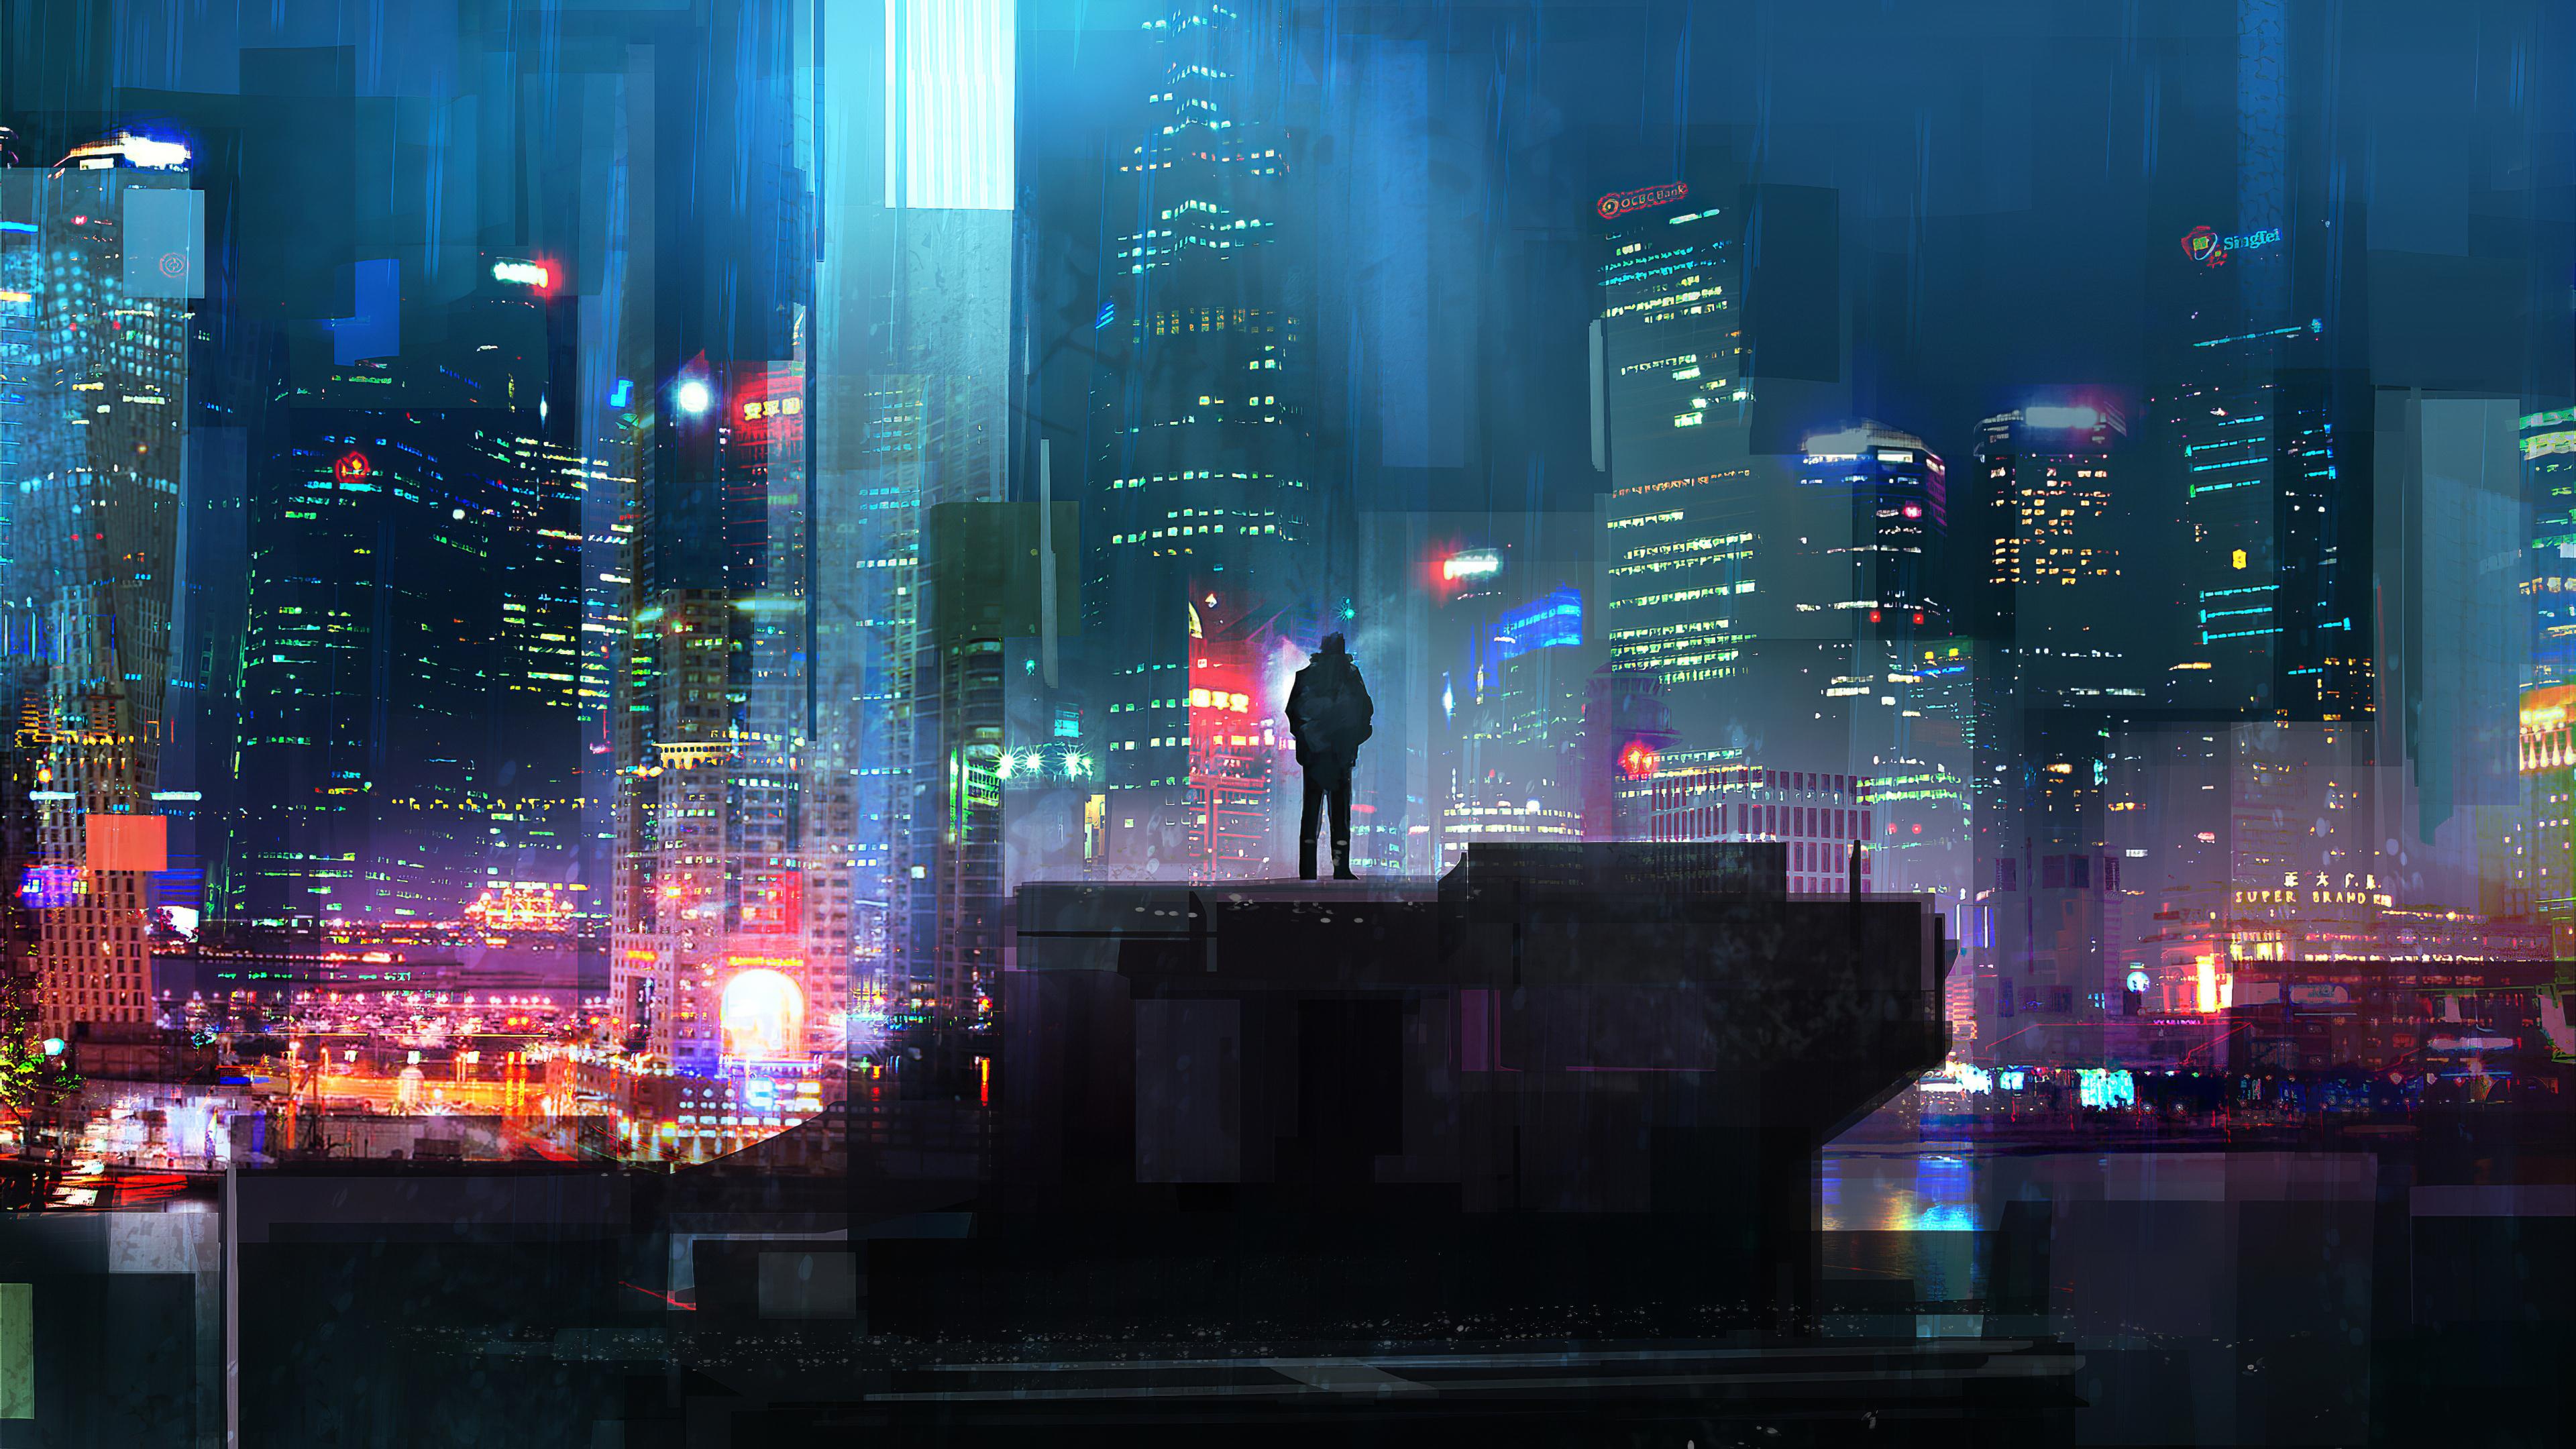 Alone Cyberpunk Boy in City Wallpaper, HD Artist 4K ...